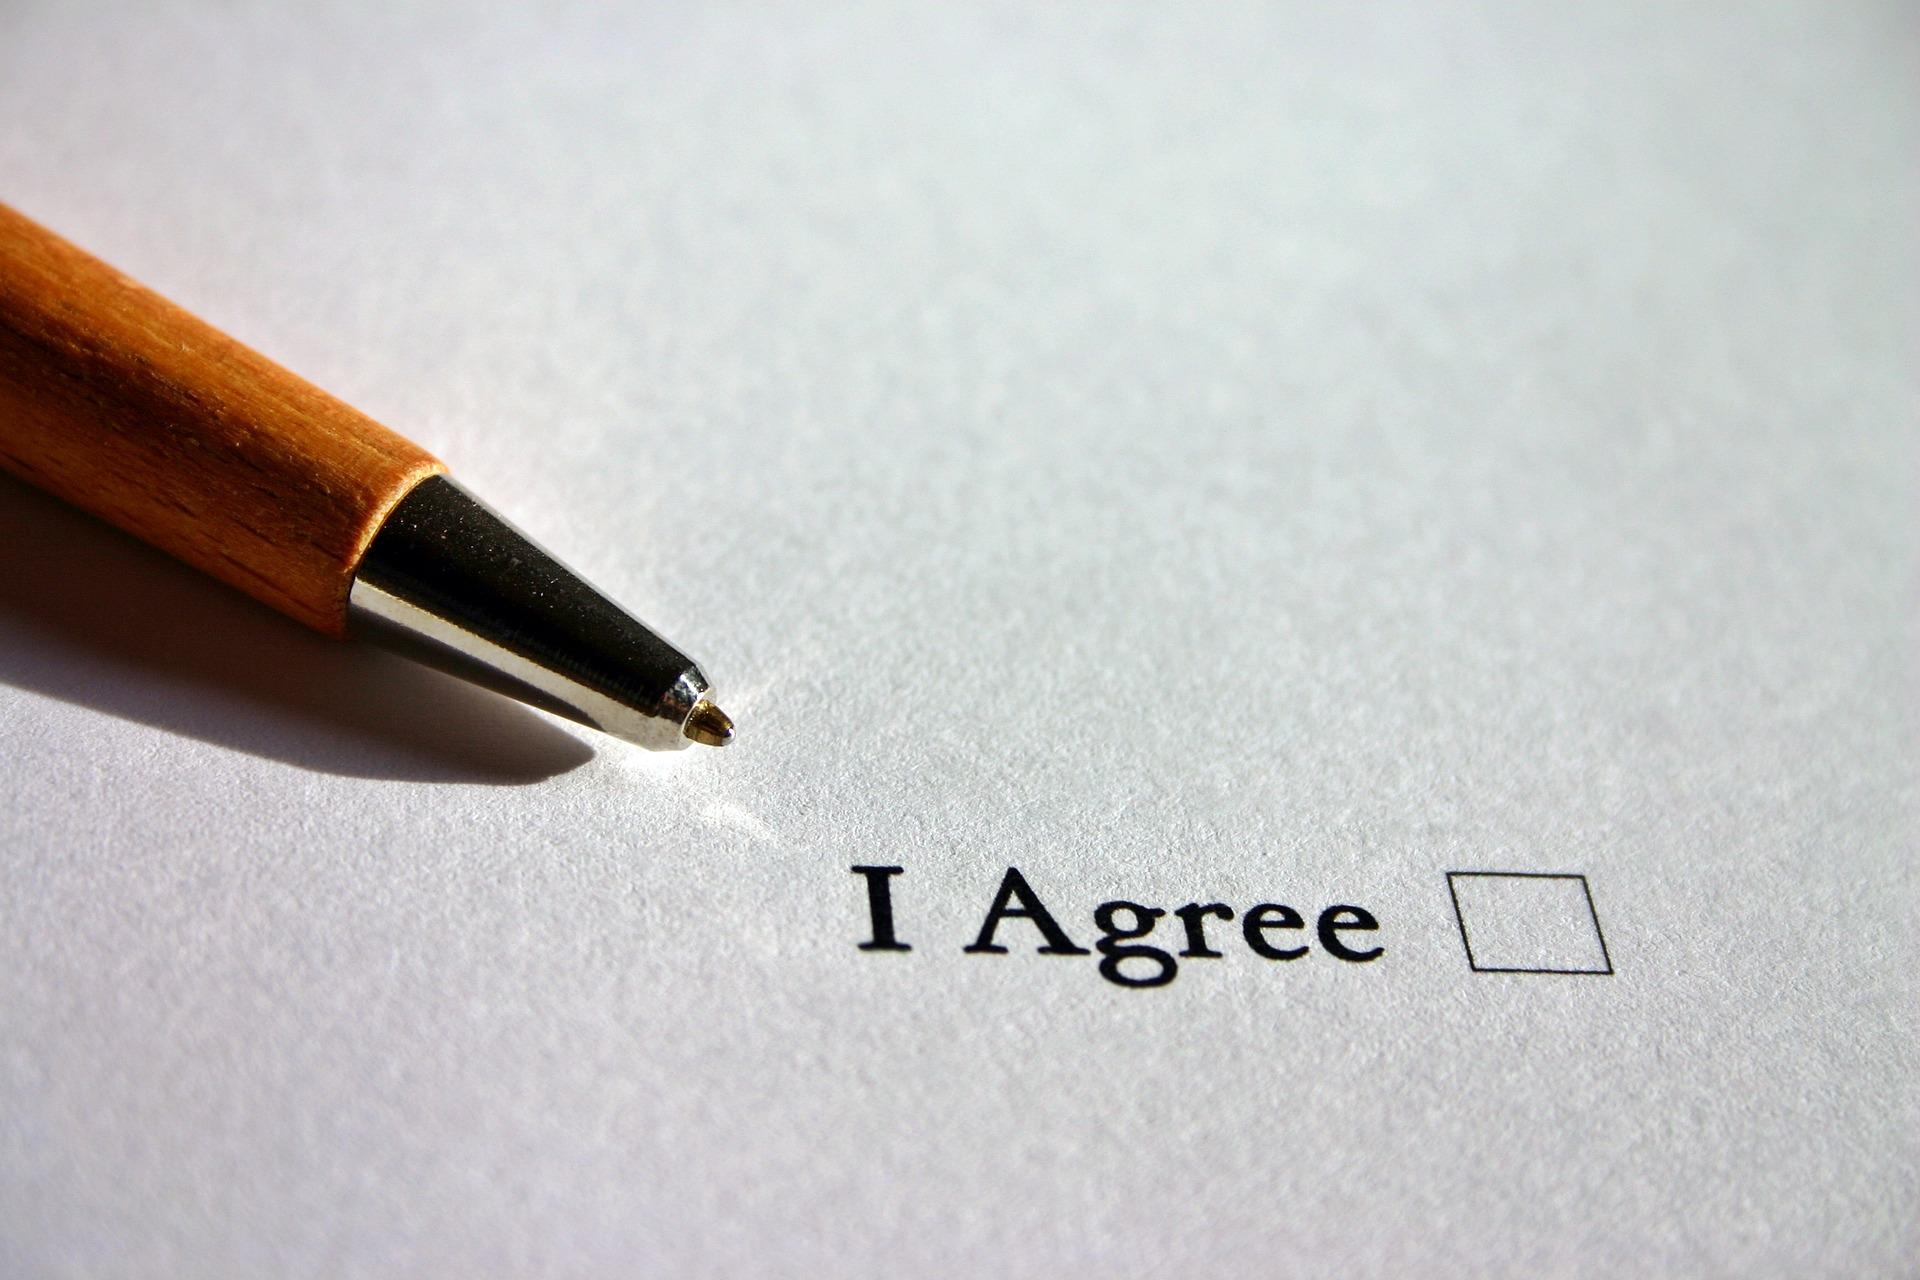 טיפים לכתיבת הצעת מחיר שתסגור מכירה רווחית